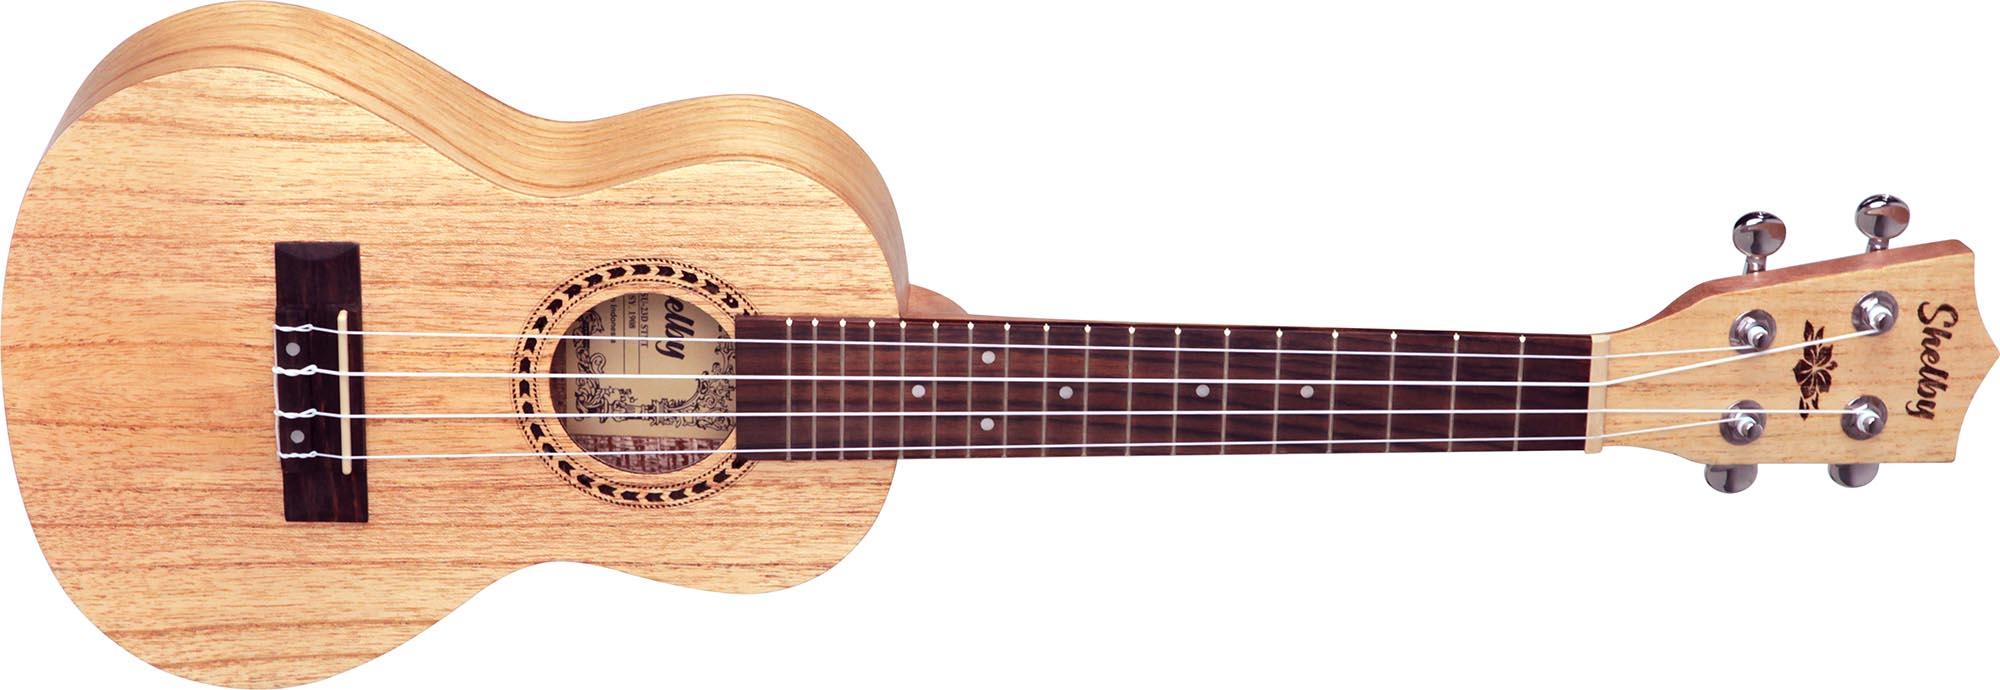 su23d ukulele concerto shelby su23d stnt cedro branco acetinado visao frontal